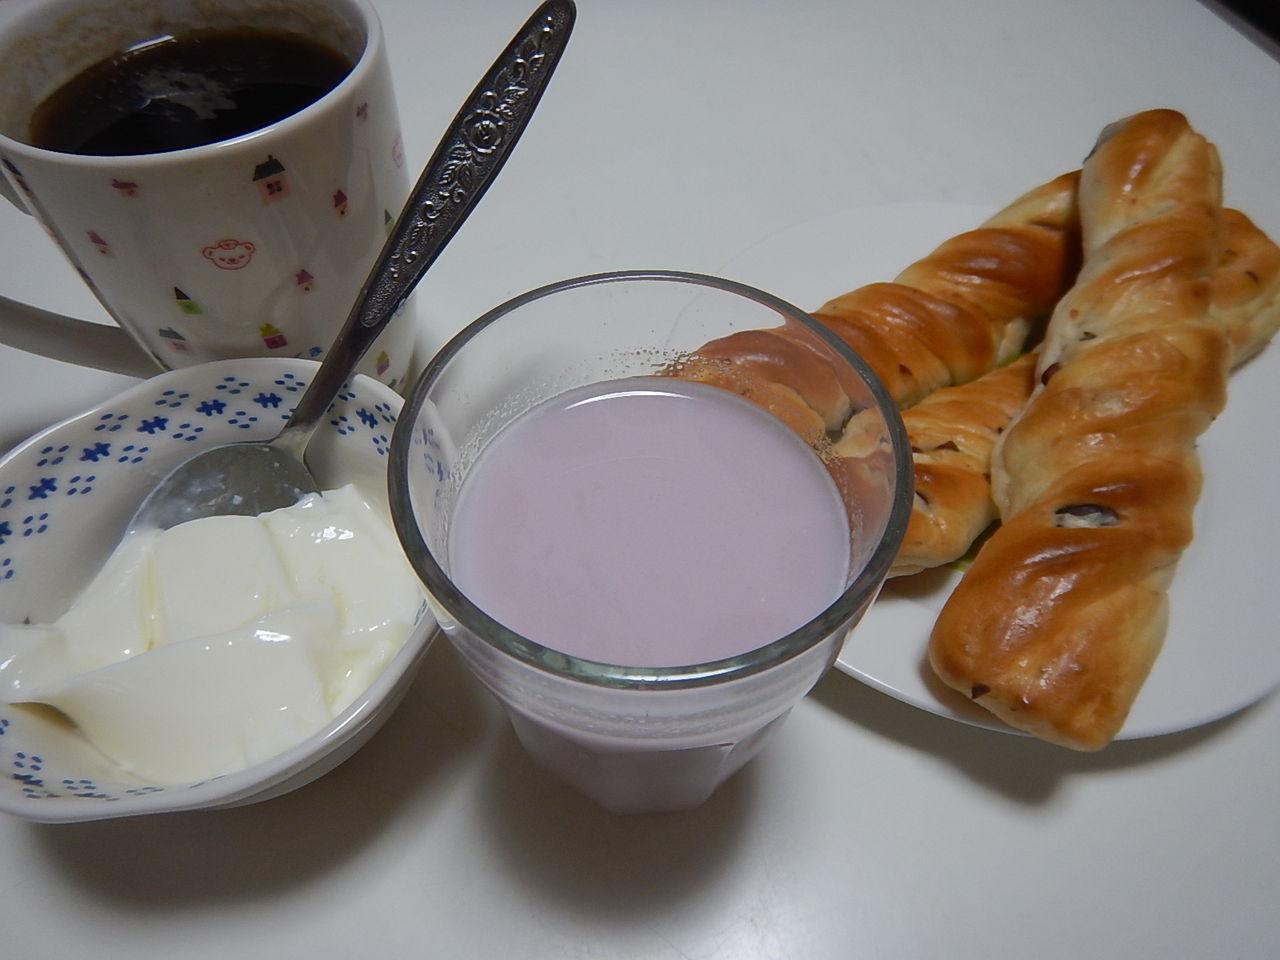 日々徒然~お気楽な毎日が最高~  モラタメさんで、「日東紅茶 牛乳でつくるフルーツスムージー with アサイー」を分けていただきました。コメント